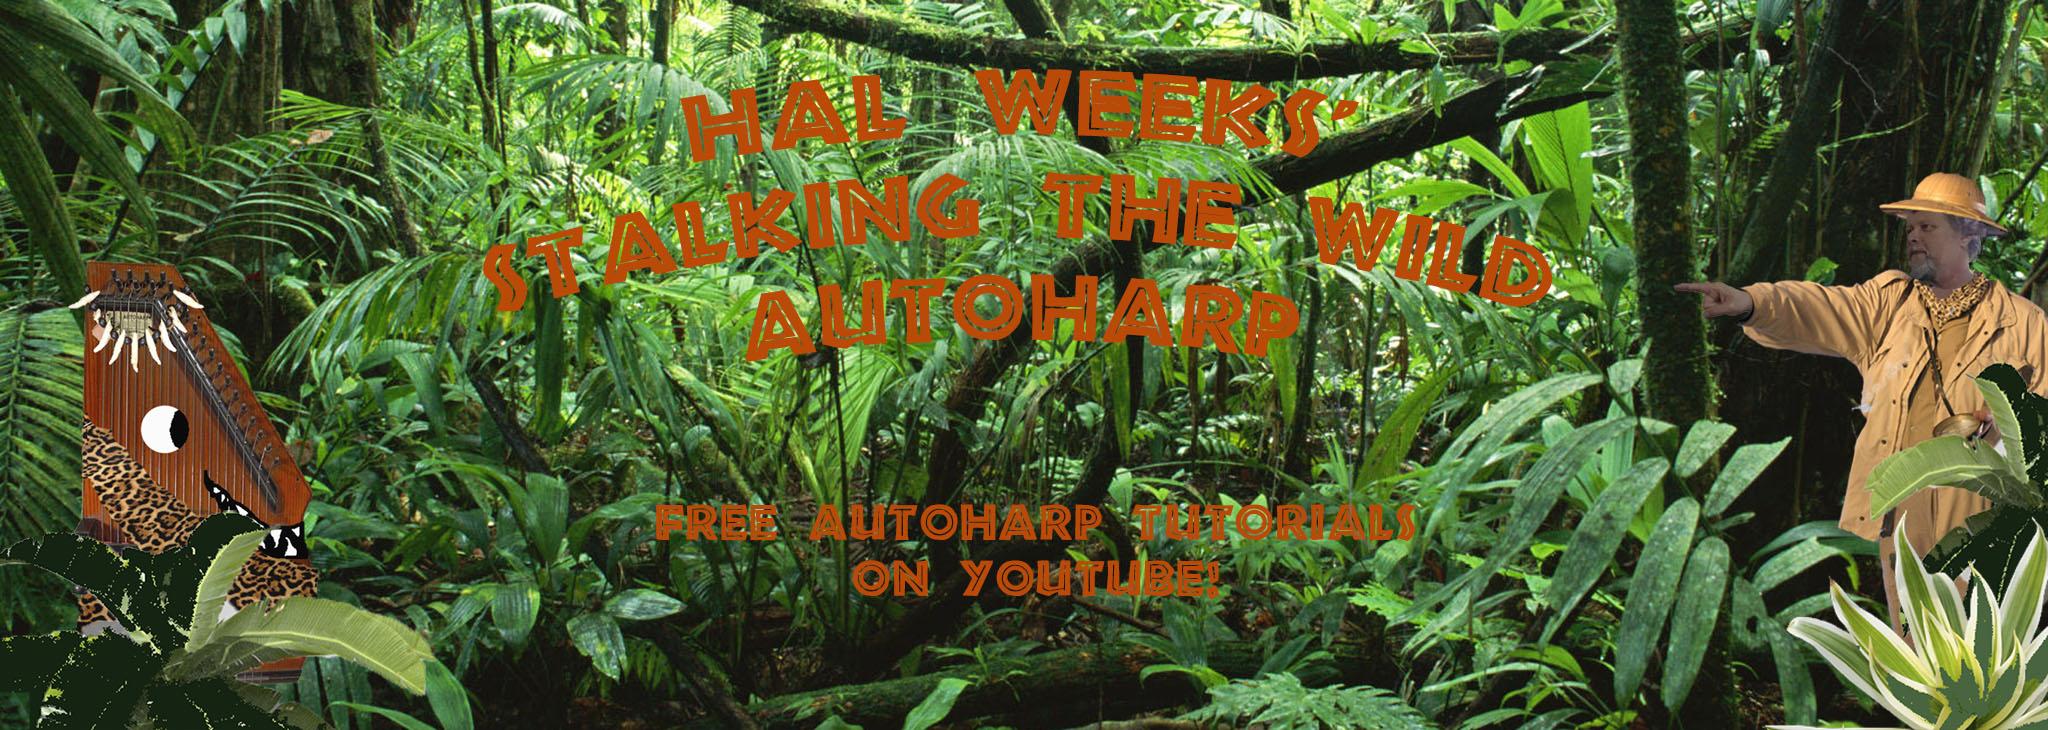 swa safari banner yt 3rd try.jpg